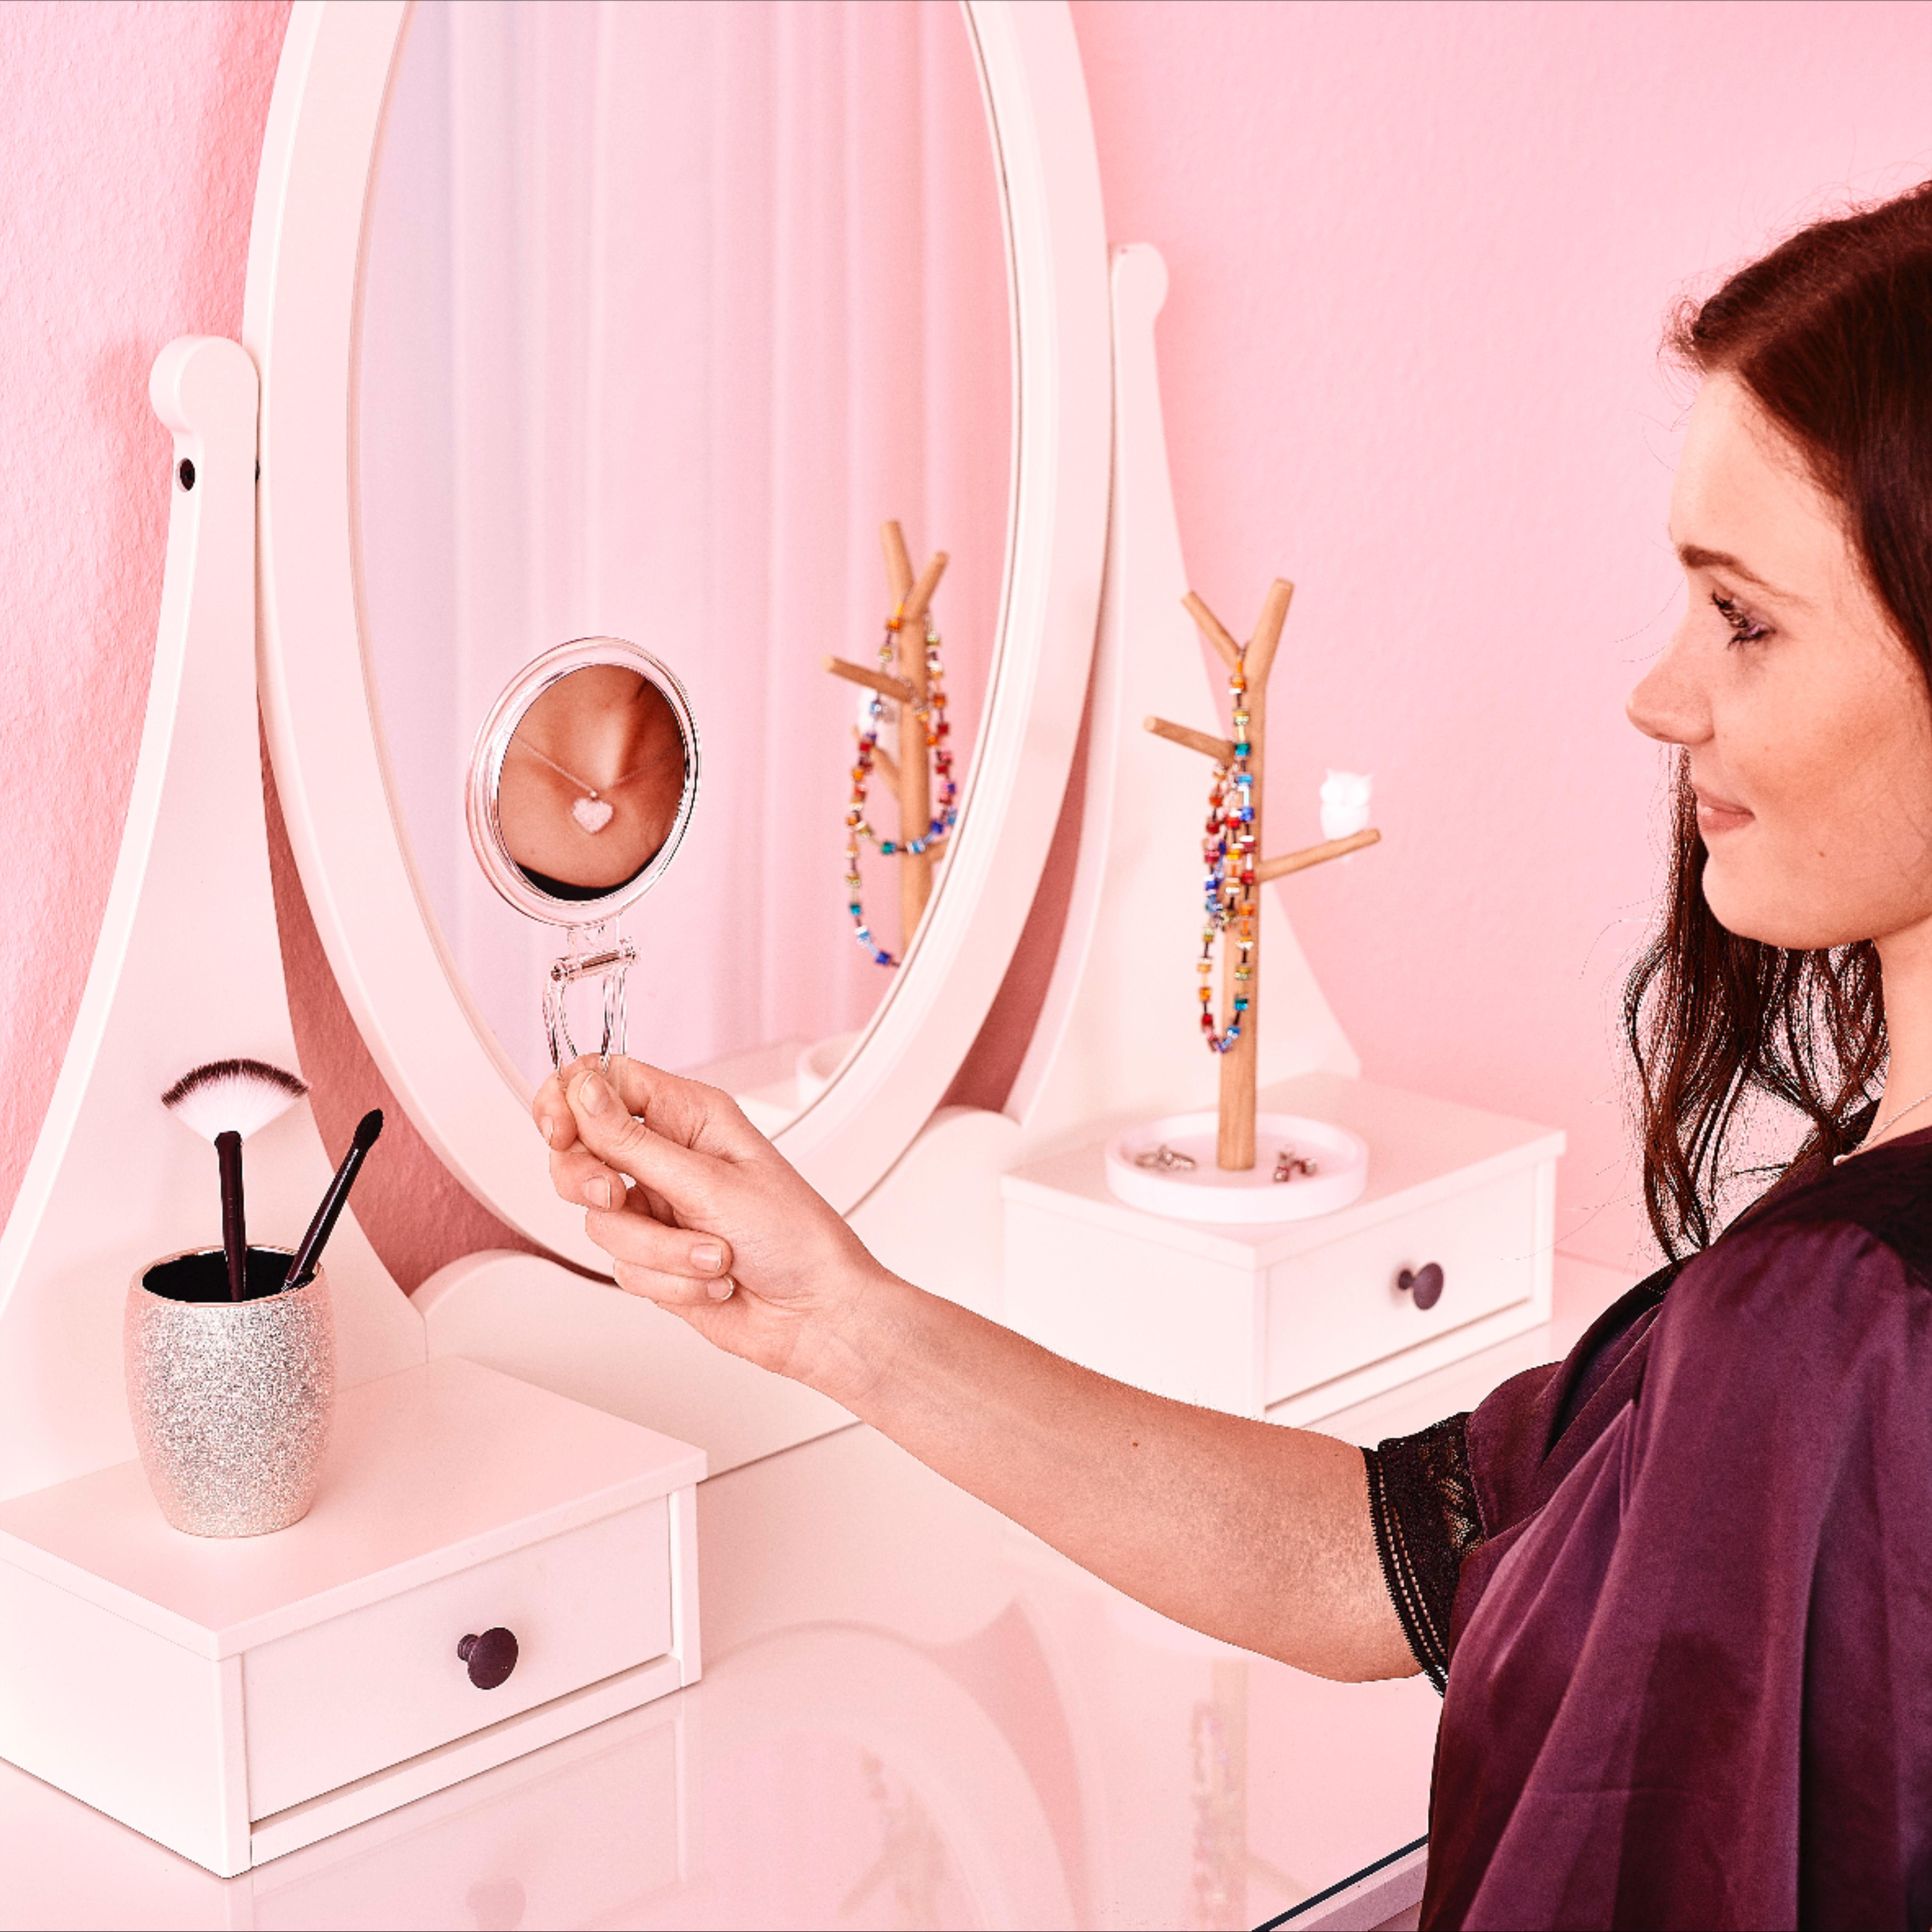 Kosmetik Handspiegel Crysta Mit 1x 10x Vergrosserung Transparent In 2020 Handspiegel Schminkspiegel Kosmetik